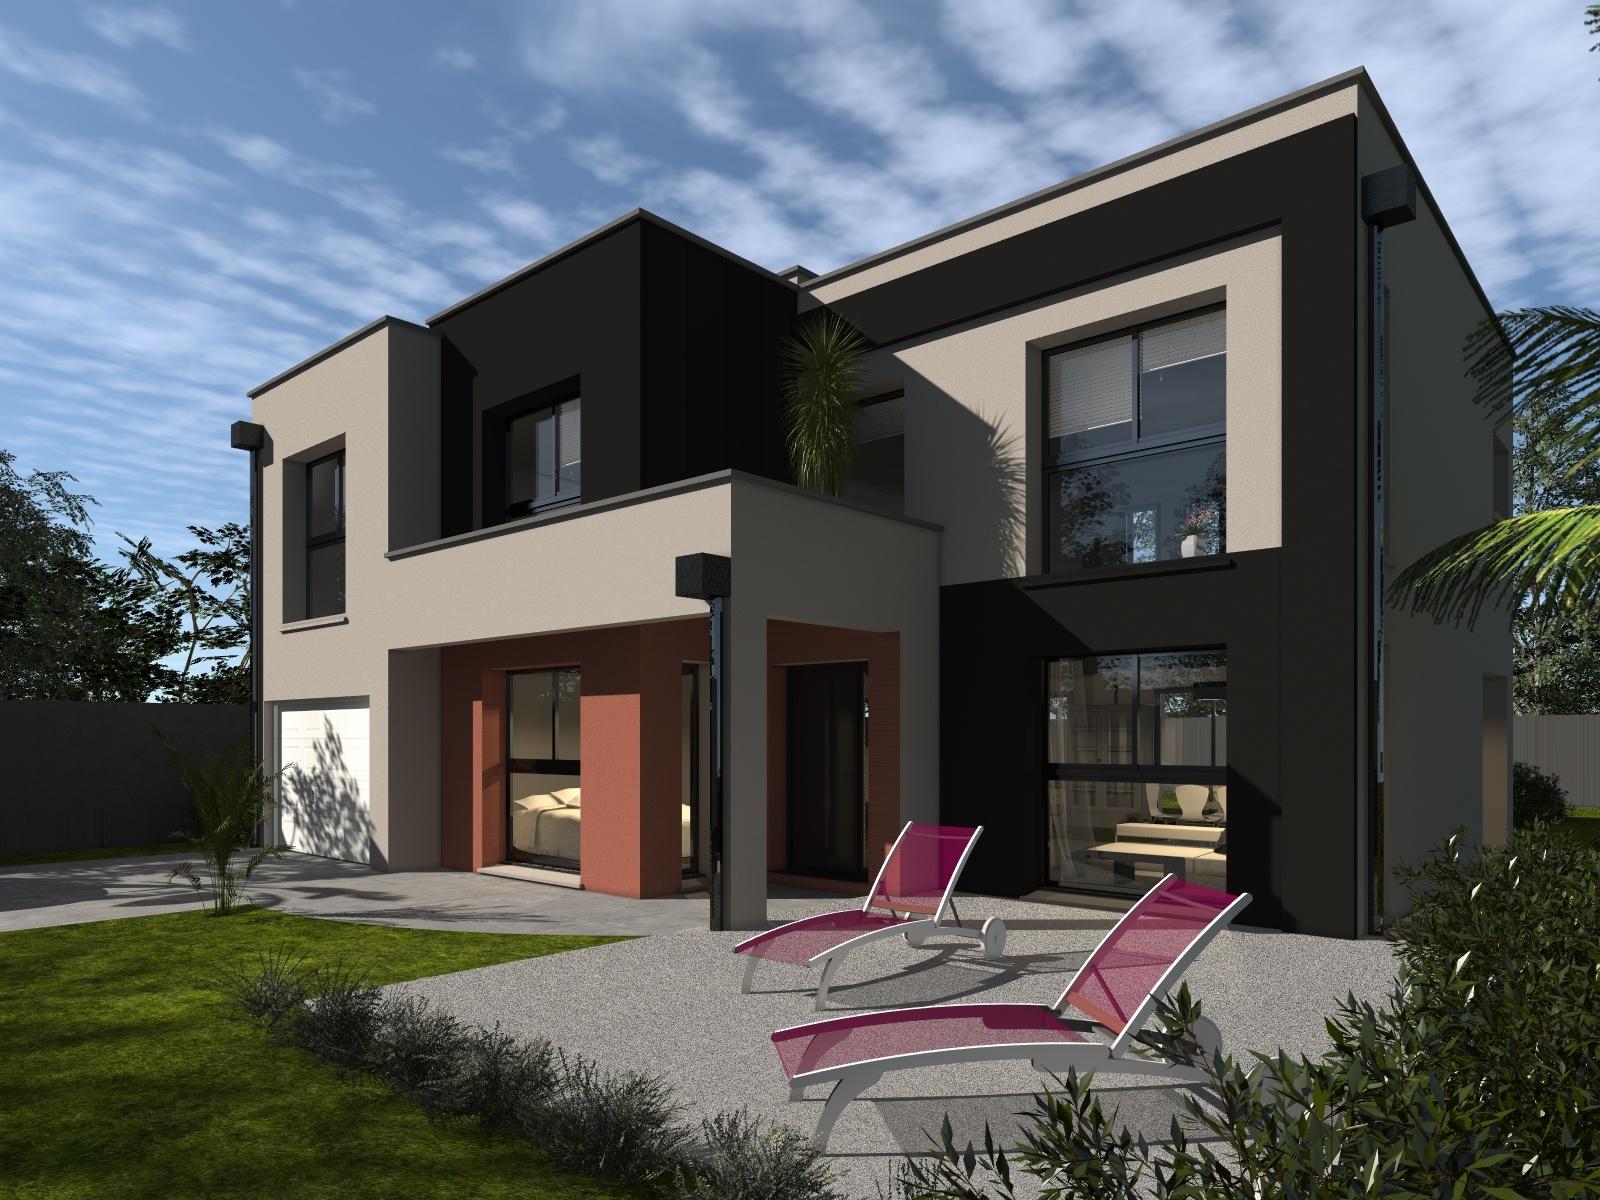 Maisons + Terrains du constructeur Les Maisons Lelievre • 172 m² • LE MANS